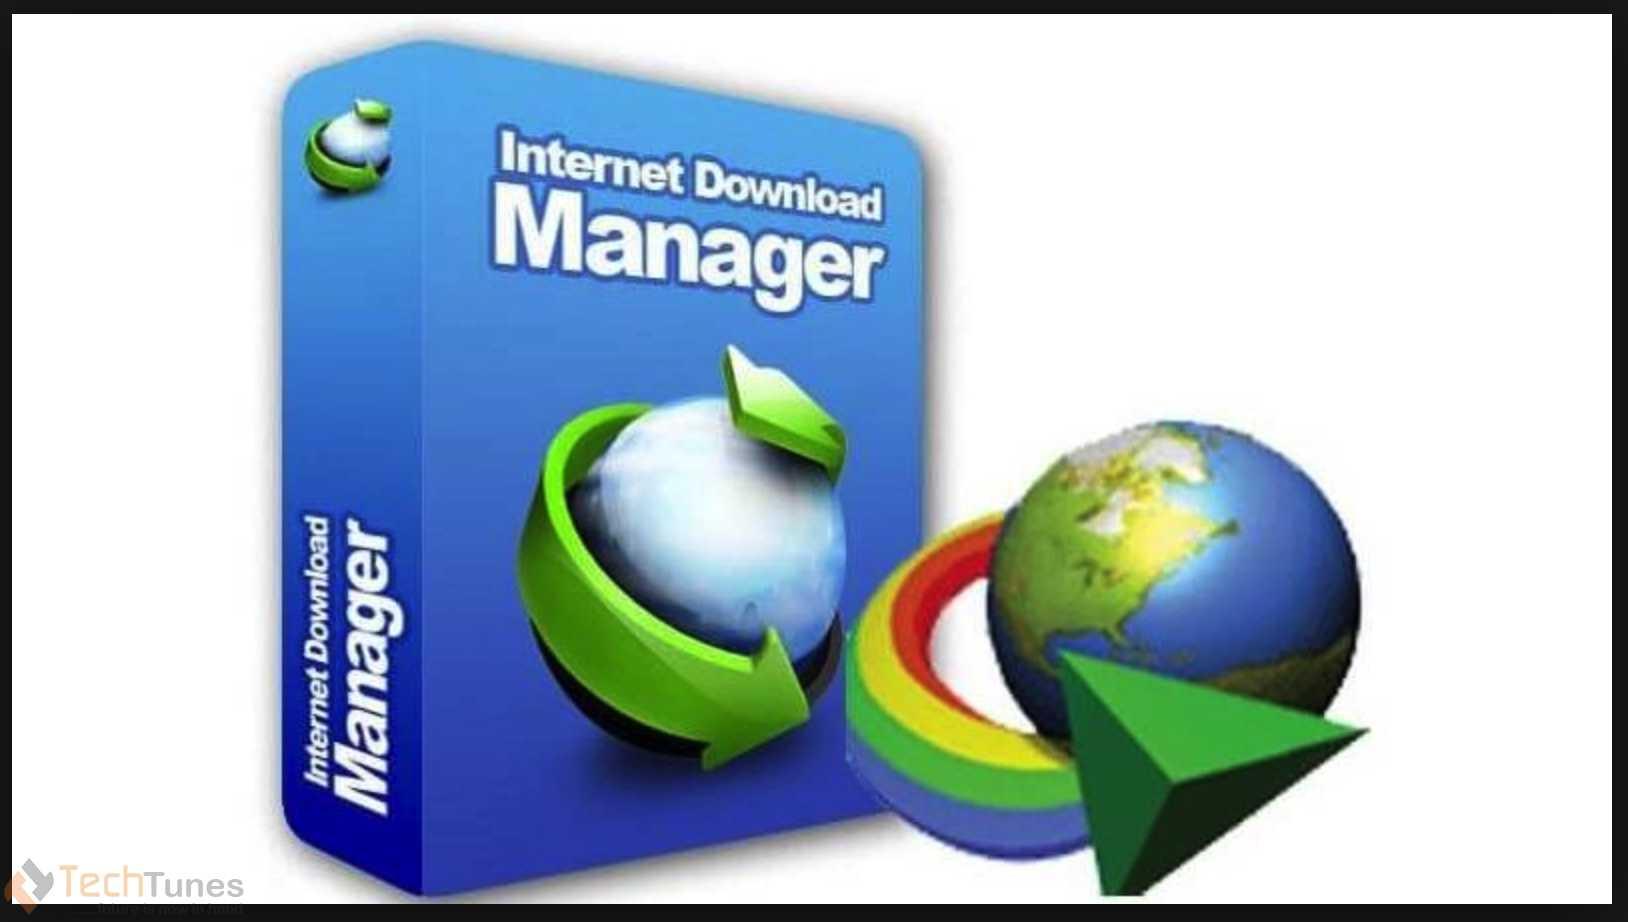 Internet Download Manager Crack Latest